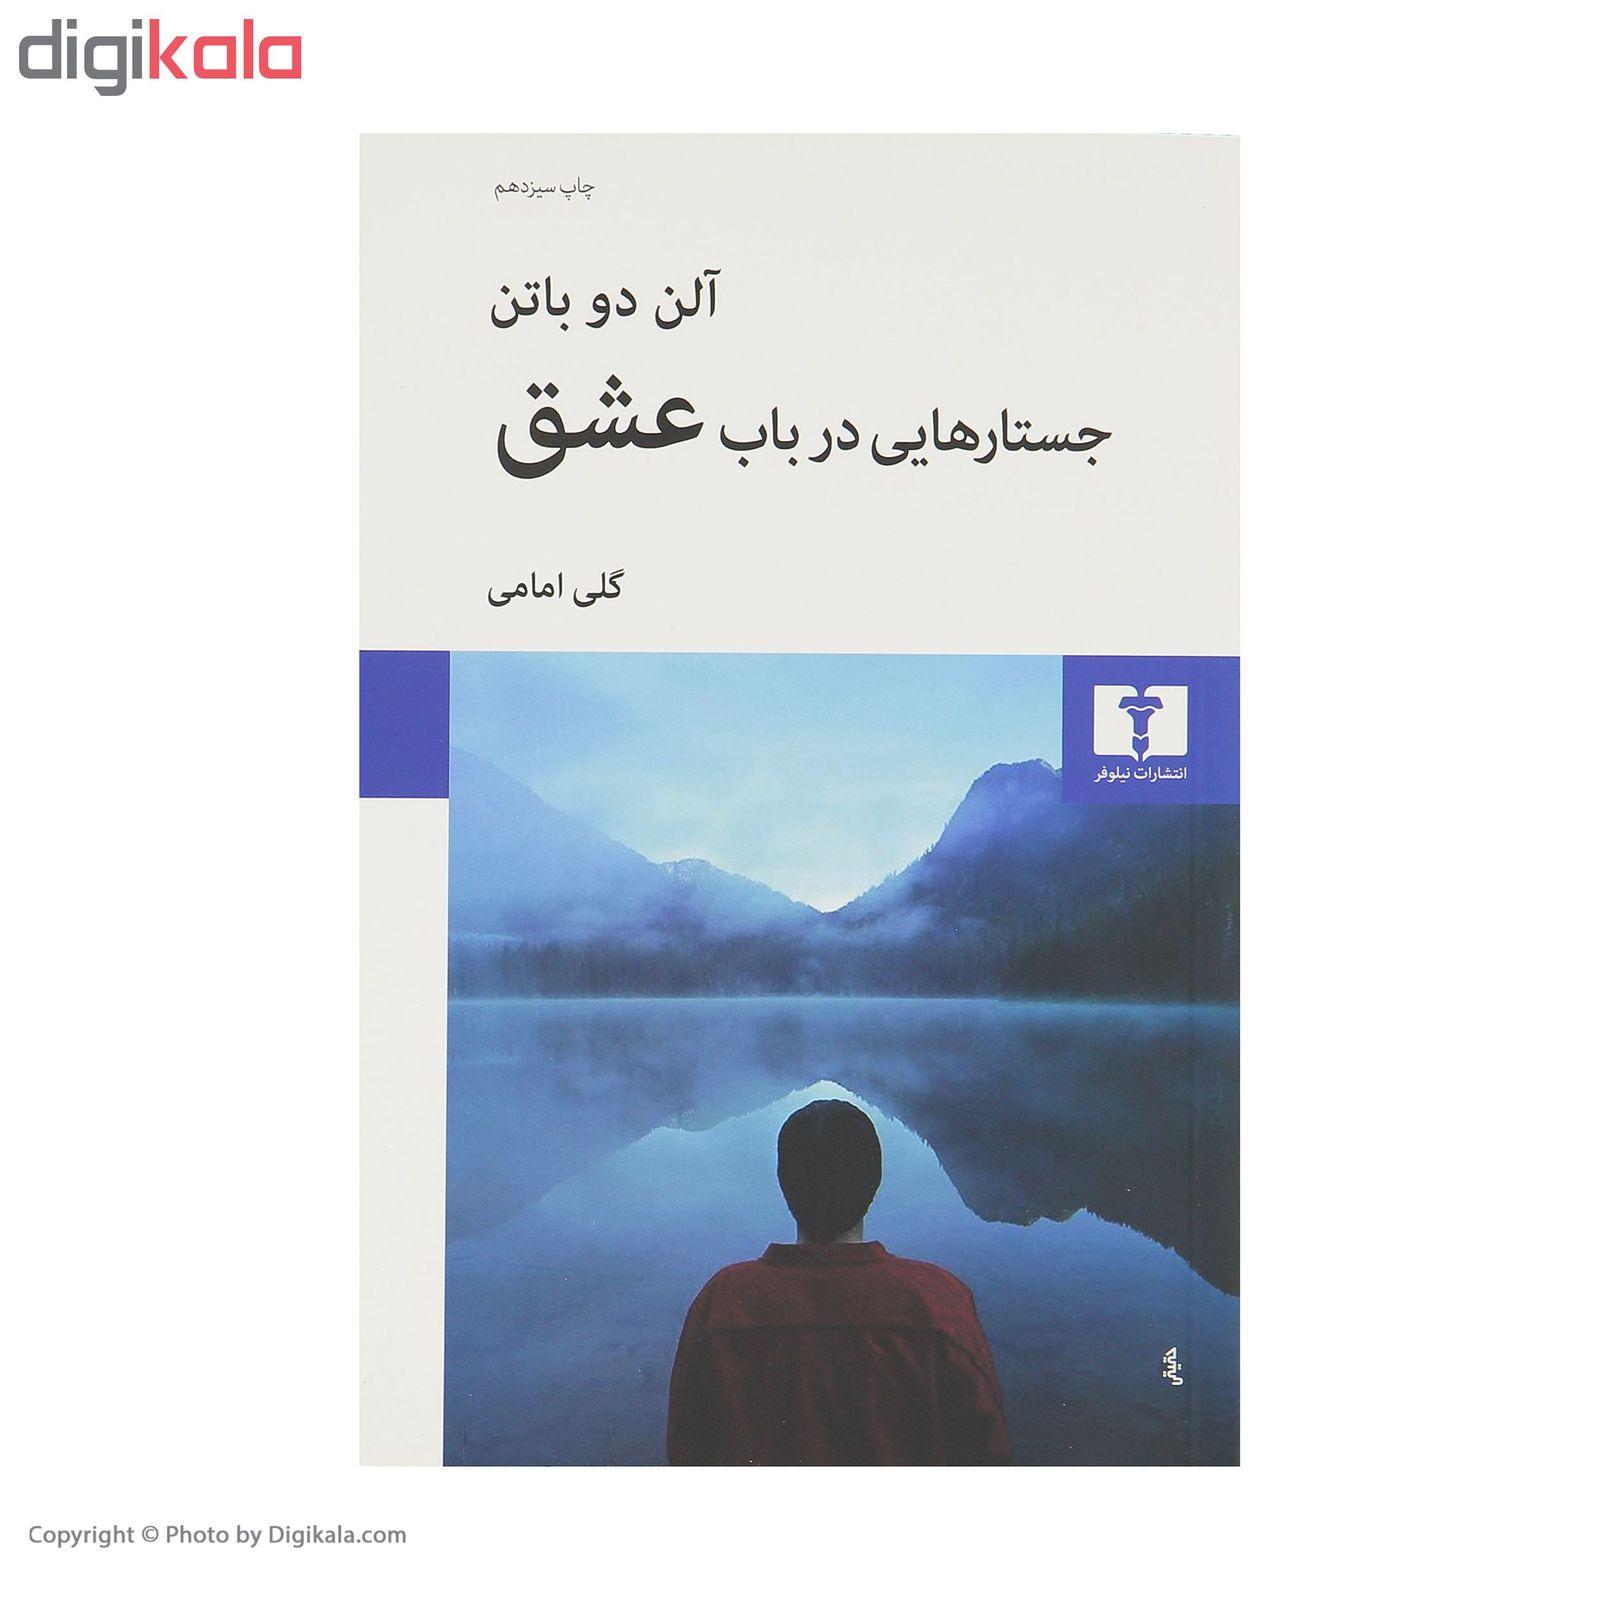 کتاب جستارهایی در باب عشق اثر آلن دو باتن main 1 1